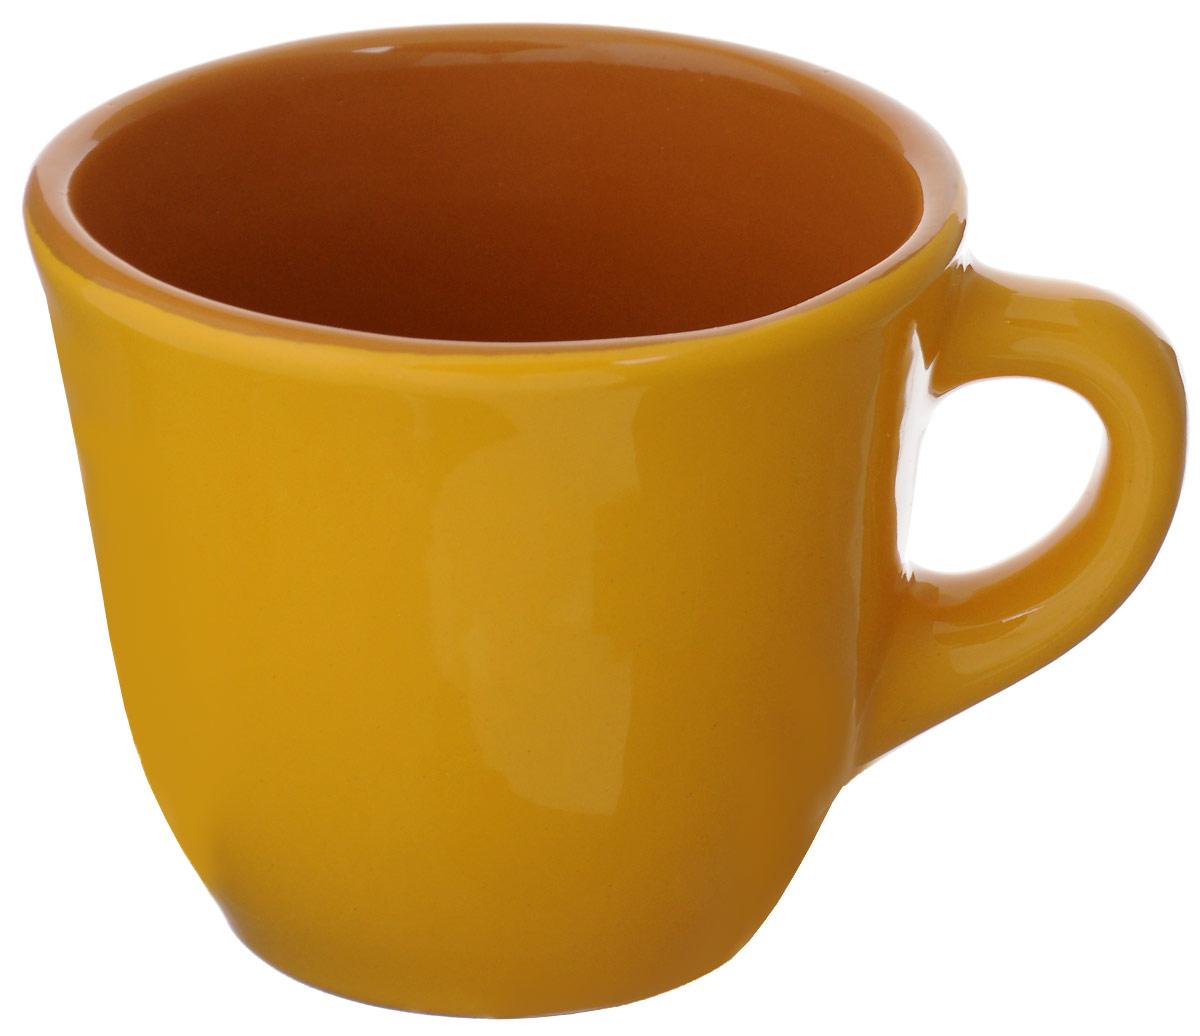 Чашка чайная Борисовская керамика Радуга, цвет: желтый, 300 млРАД00000632_желтыйЧашка Борисовская керамика, выполненная из высококачественнойкерамики, сочетает в себе изысканный дизайн с максимальнойфункциональностью. Чашка Борисовская керамика и размером, и декоромотвечает всем требованиям людей с широкой душой и хорошим аппетитом,поэтому прекрасно подходит как для ежедневных трапез, так и для подаркадорогим друзьям.